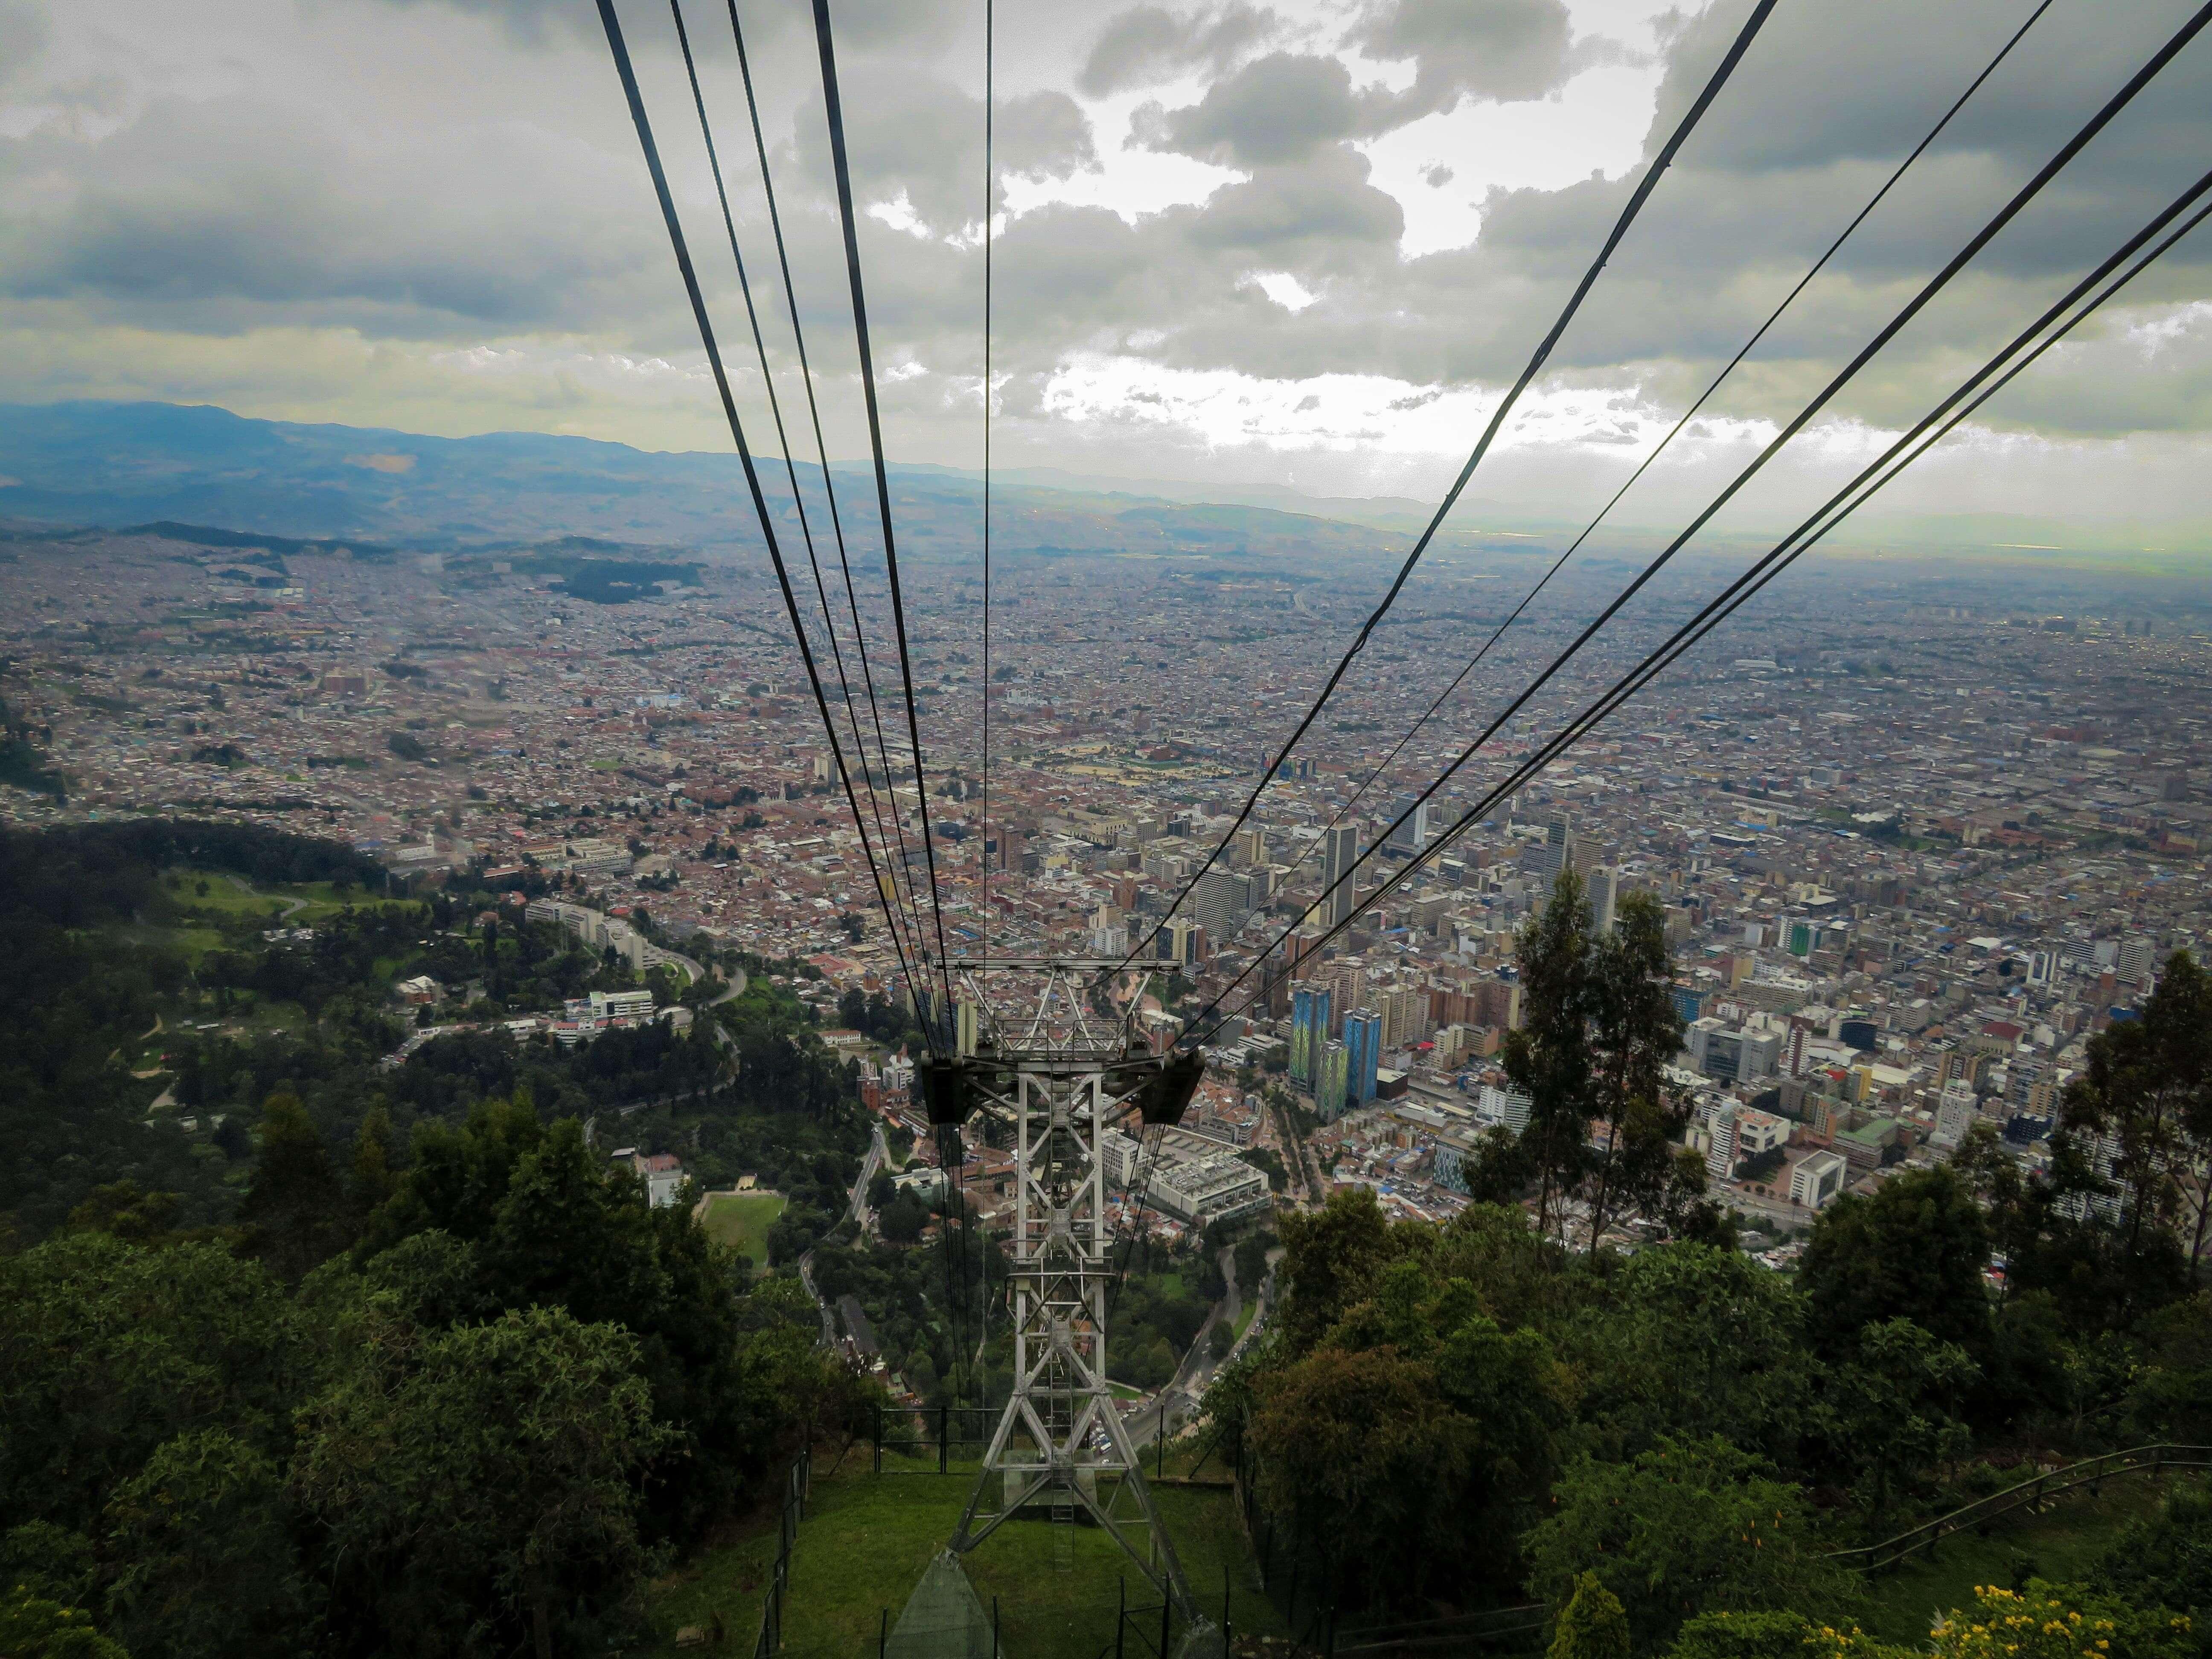 Mount Monserrate bogota travel guide